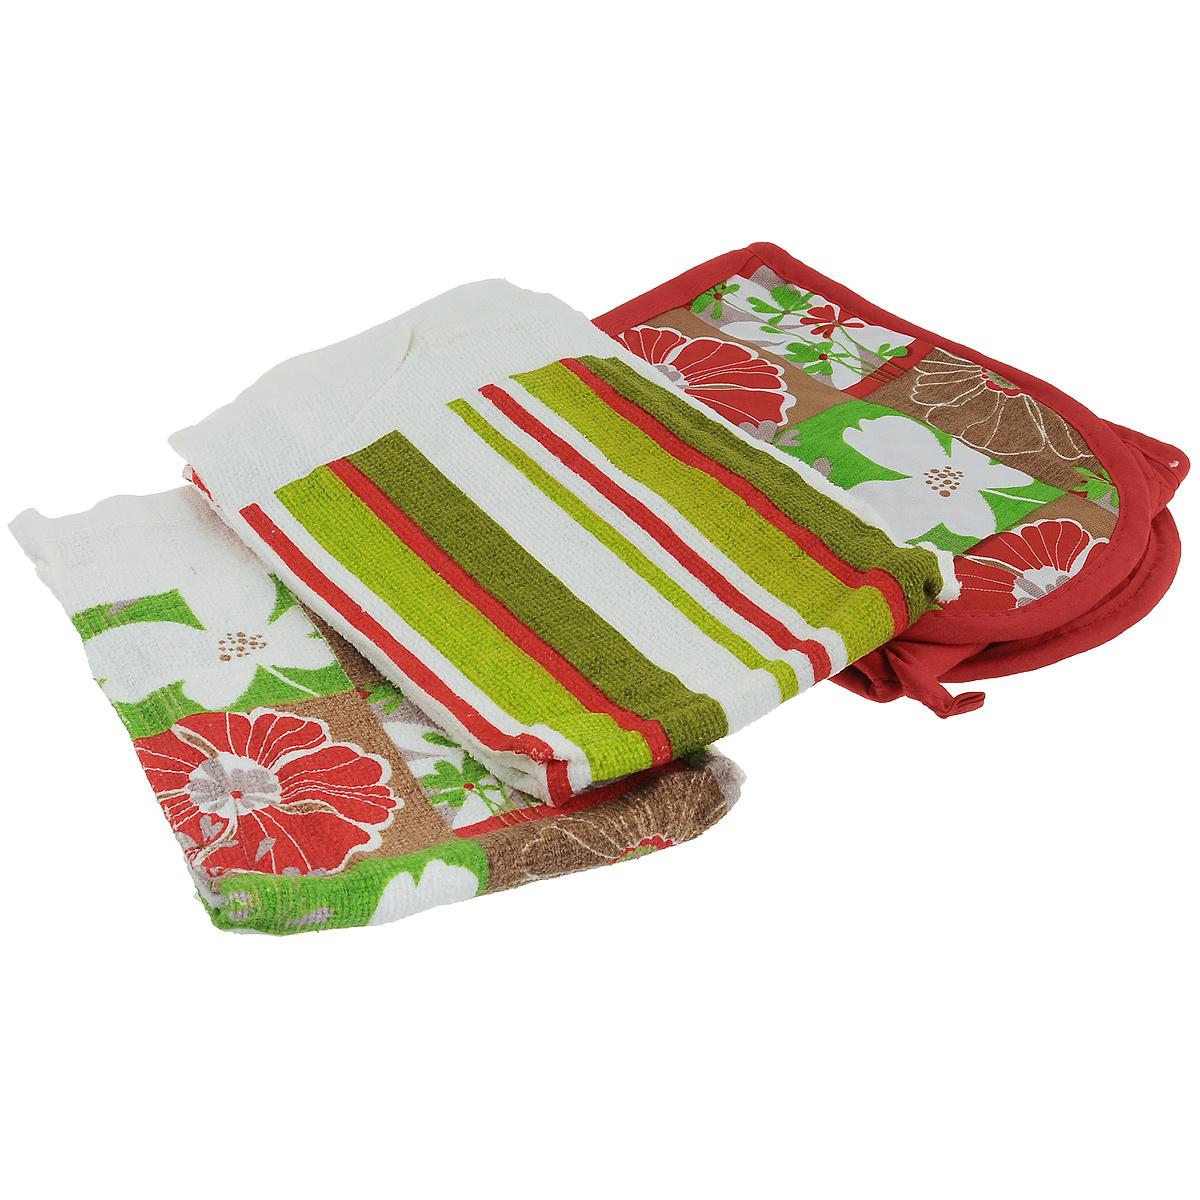 Набор для кухни Primavelle Цветы, 3 предмета54 009312Набор для кухни Primavelle Цветы состоит из двойной прихватки и двух полотенец. Предметы набора изготовлены из натурального хлопка и оформлены ярким цветочным изображением.Полотенца подарят вам мягкость и необыкновенный комфорт в использовании. Они идеально впитывают влагу и сохраняют свою необычайную мягкость даже после многих стирок.Стеганая двойная прихватка снабжена кармашками для рук и петелькой для удобного подвешивания на крючок. Такой комплект украсит ваш интерьер или станет прекрасным подарком. Размер полотенец: 63 см х 38 см.Размер прихватки: 78,5 см х 16,3 см.